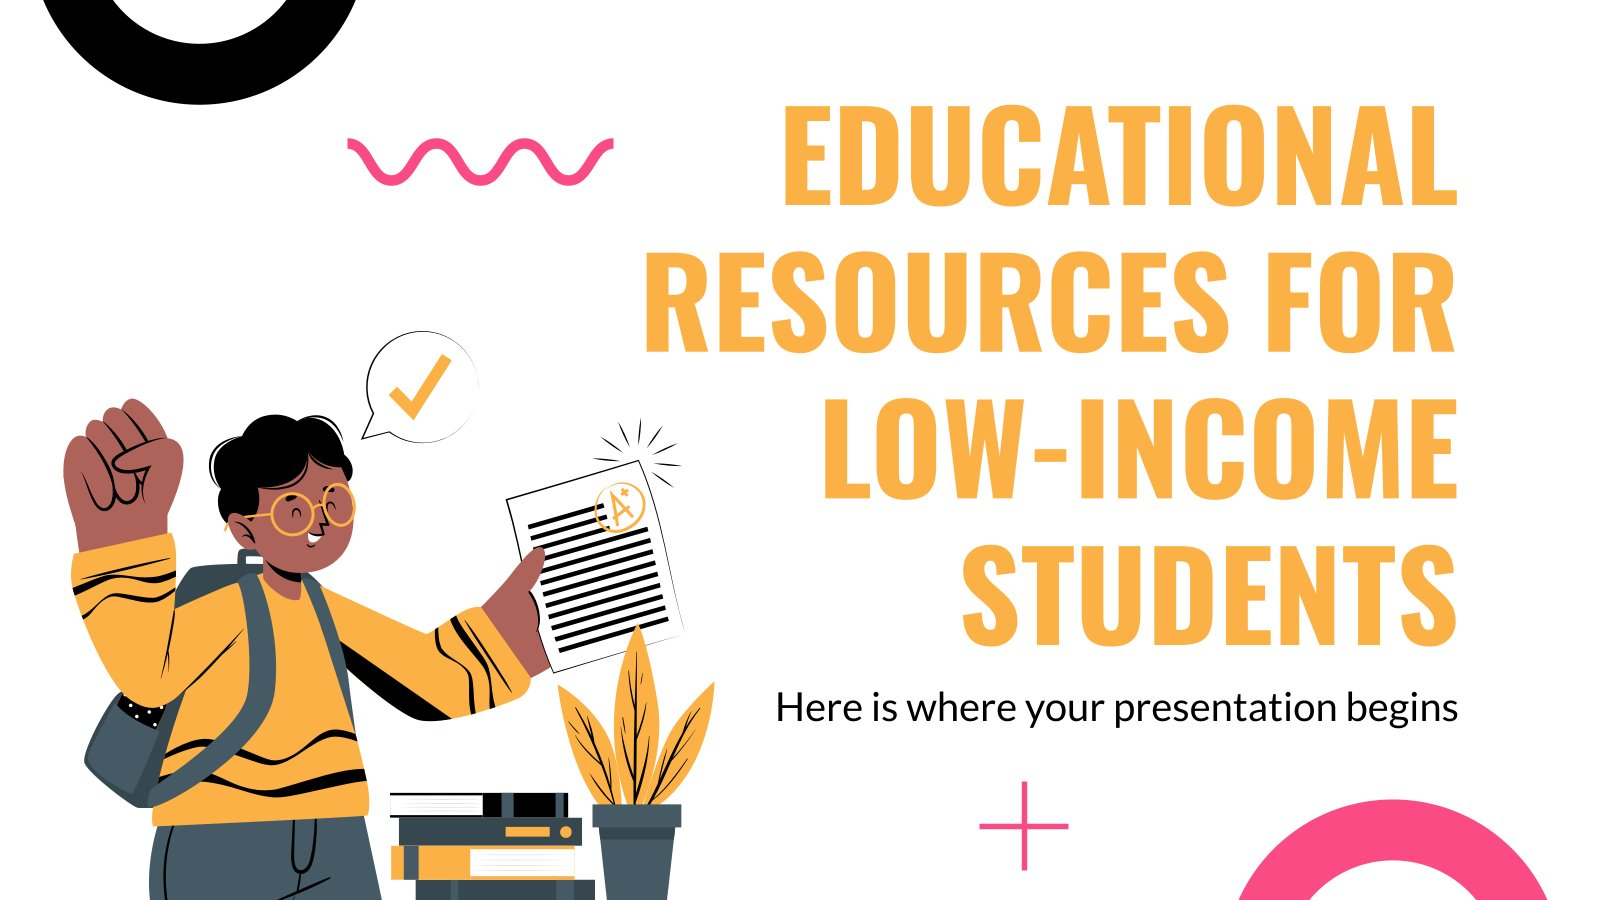 Modelo de apresentação Tese sobre recursos educacionais para estudantes de baixa renda